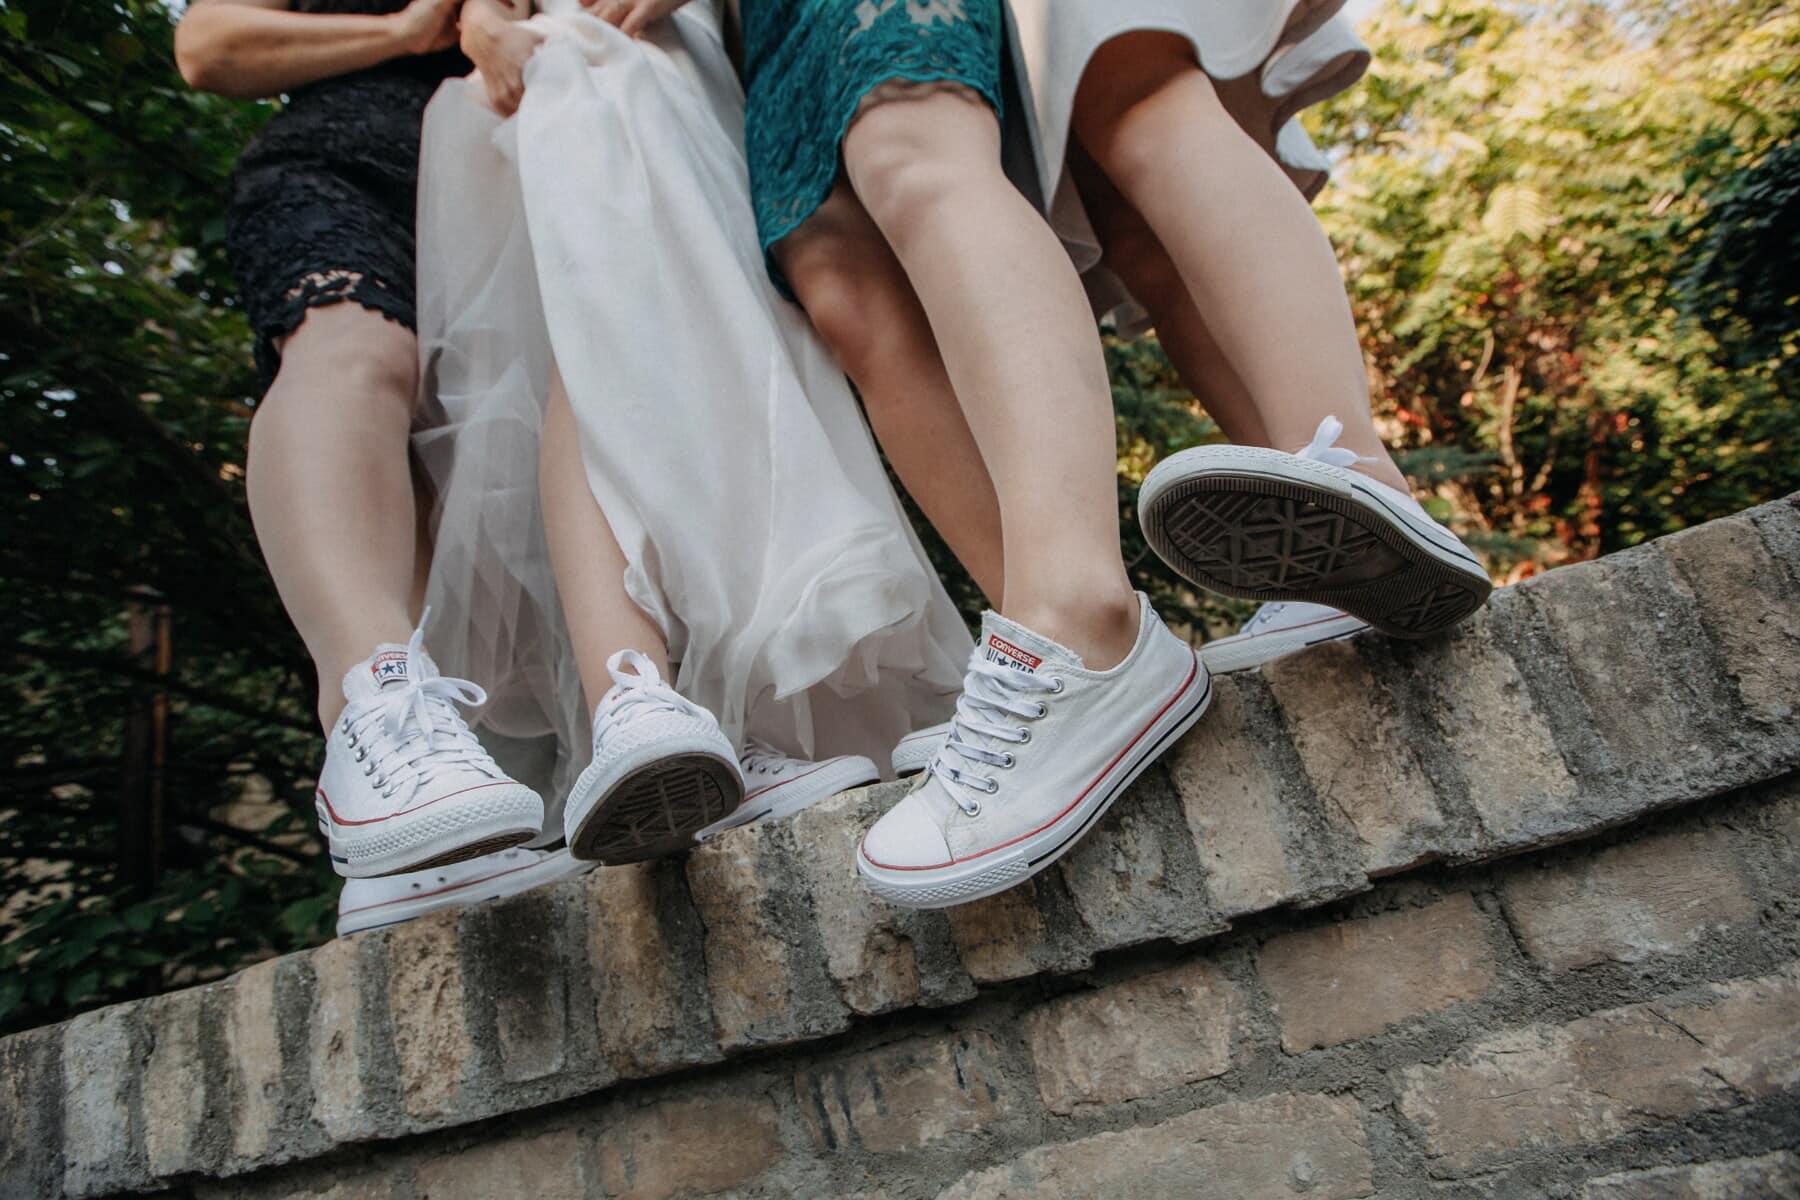 chaussures de sport, blanc, jambes, petite amie, pieds nus, mode de vie, vie libre, style libre, femme, chaussures